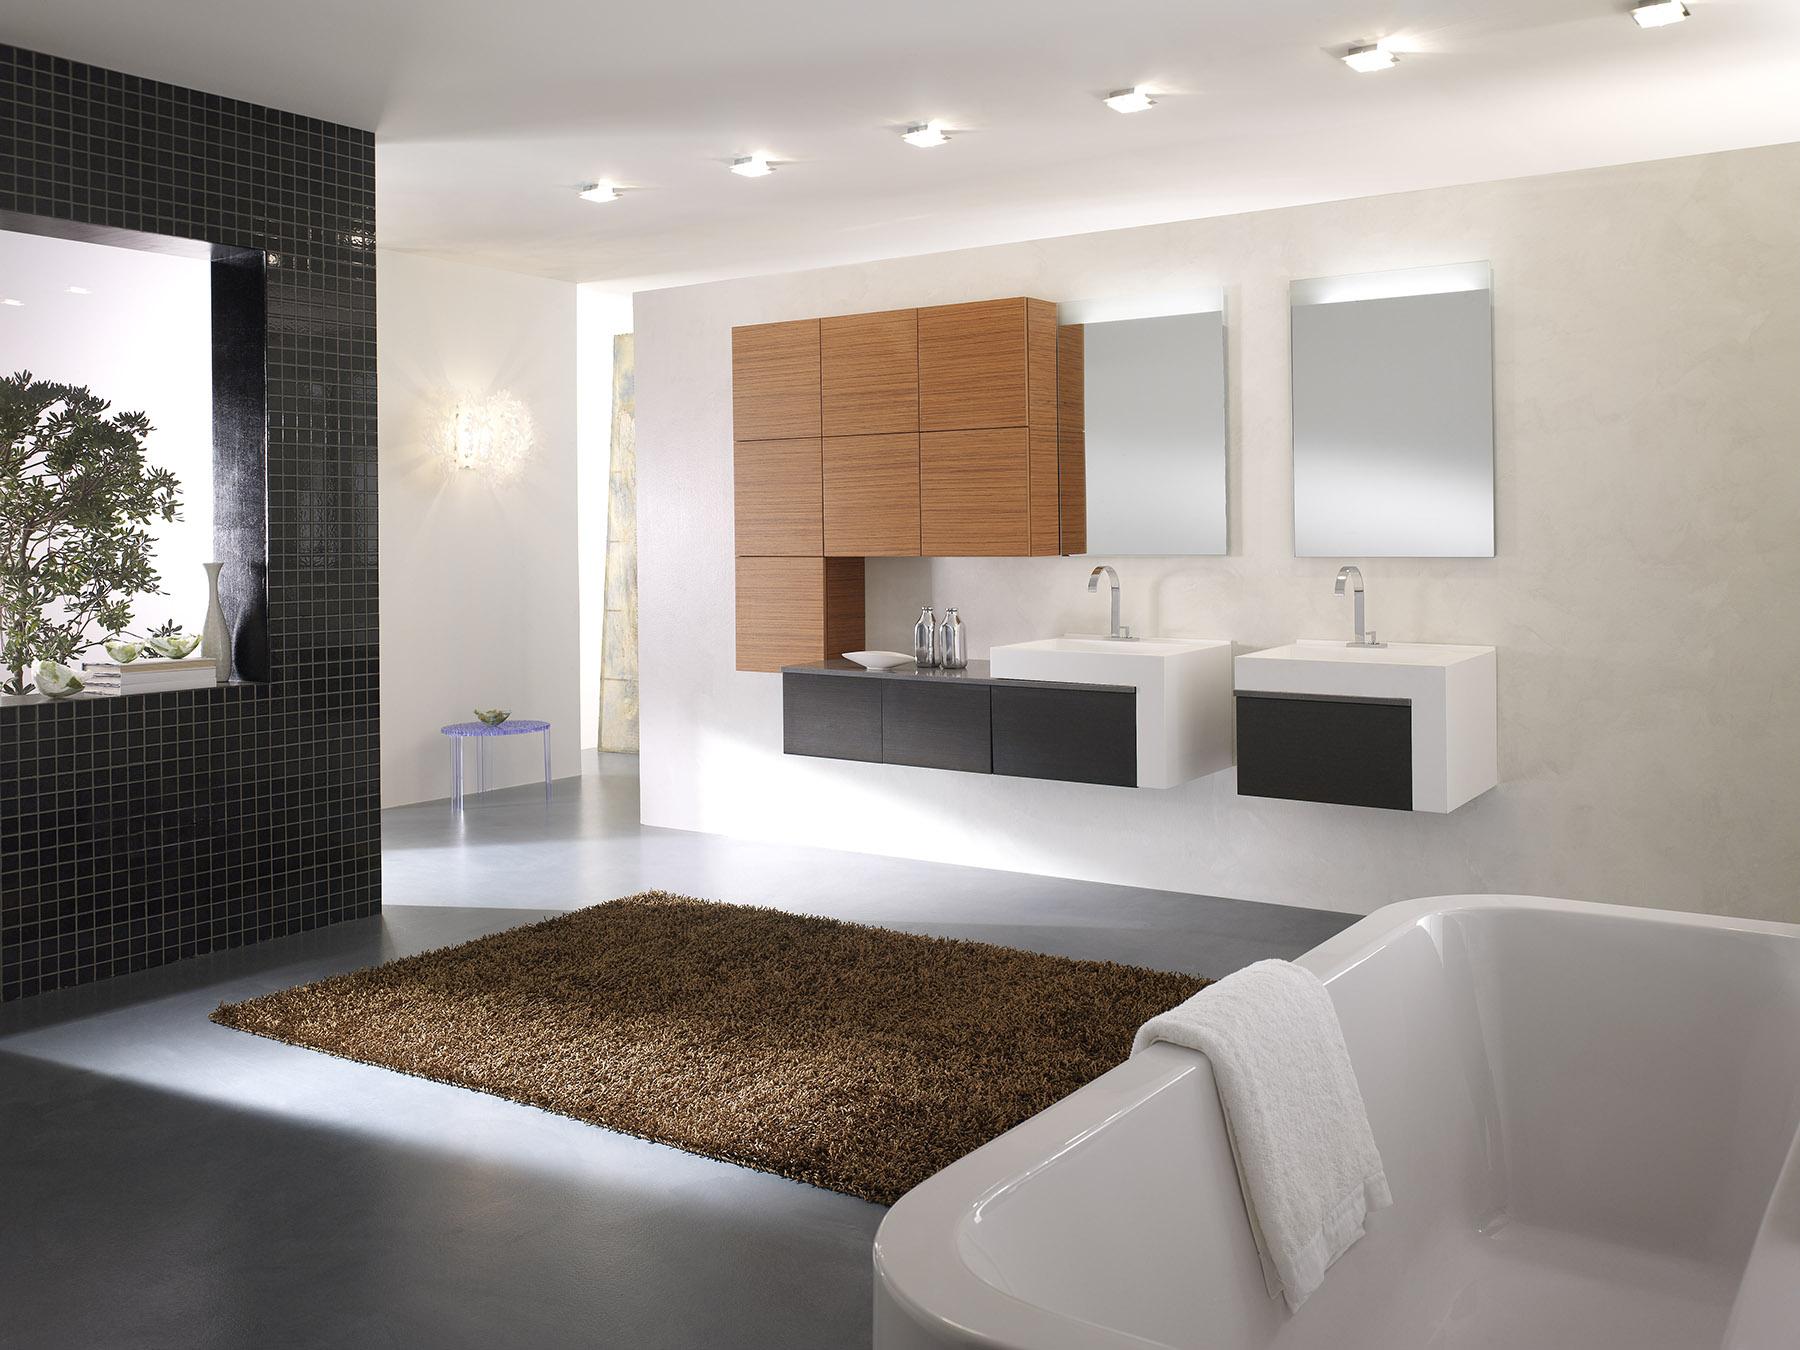 Décorer sa salle de bain : entre confort, praticité et esthétique